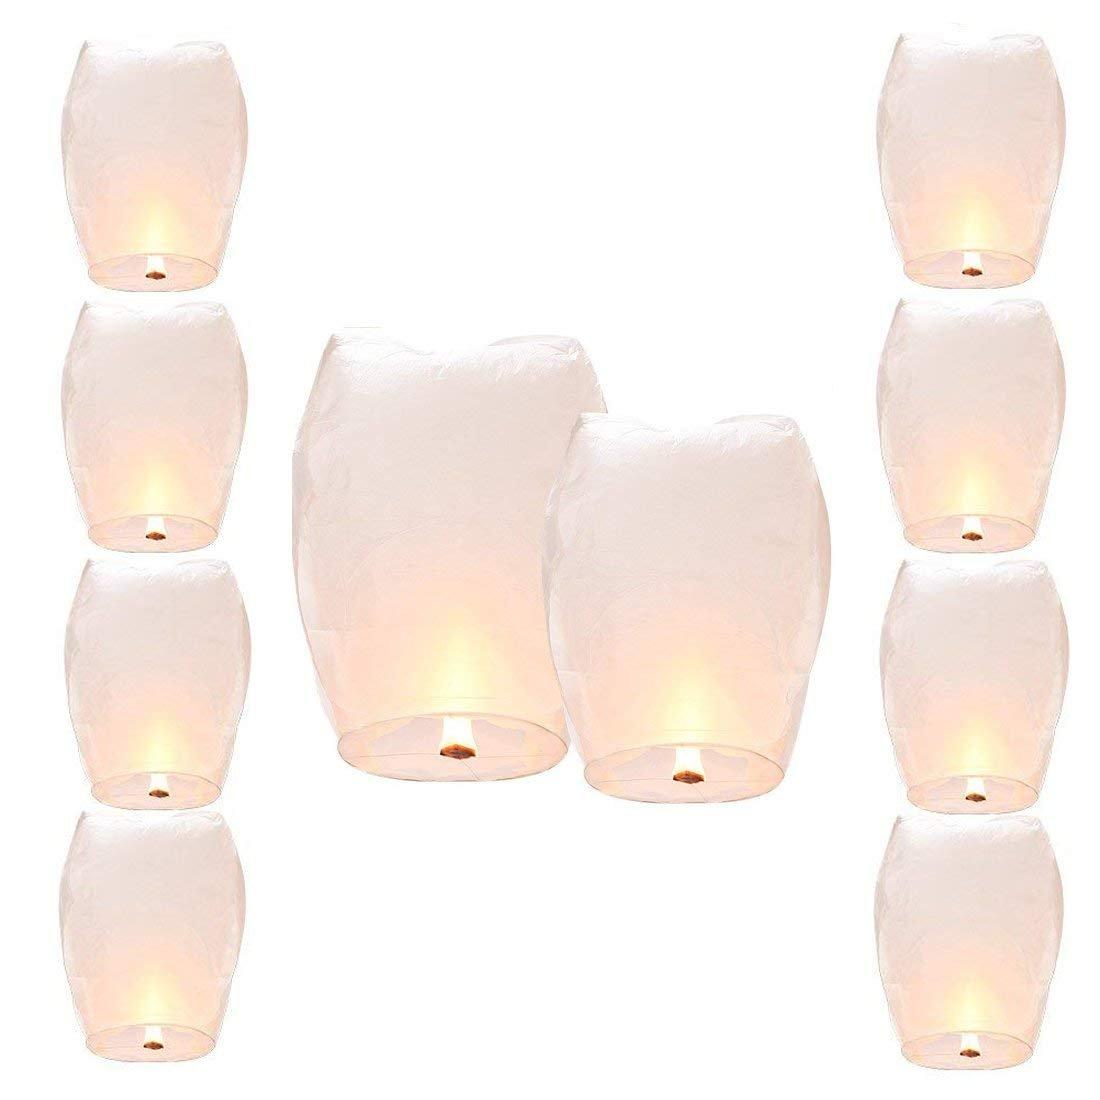 Chinese Sky Lanterns- 10PK White Paper Lanterns-Sky Lanterns- for Weddings- Memorial Lantern to Release in Sky- Paper Lantern Sky- Flying Paper Lantern- Chinese Lanterns- Biodegradable- by Sky Flyers!